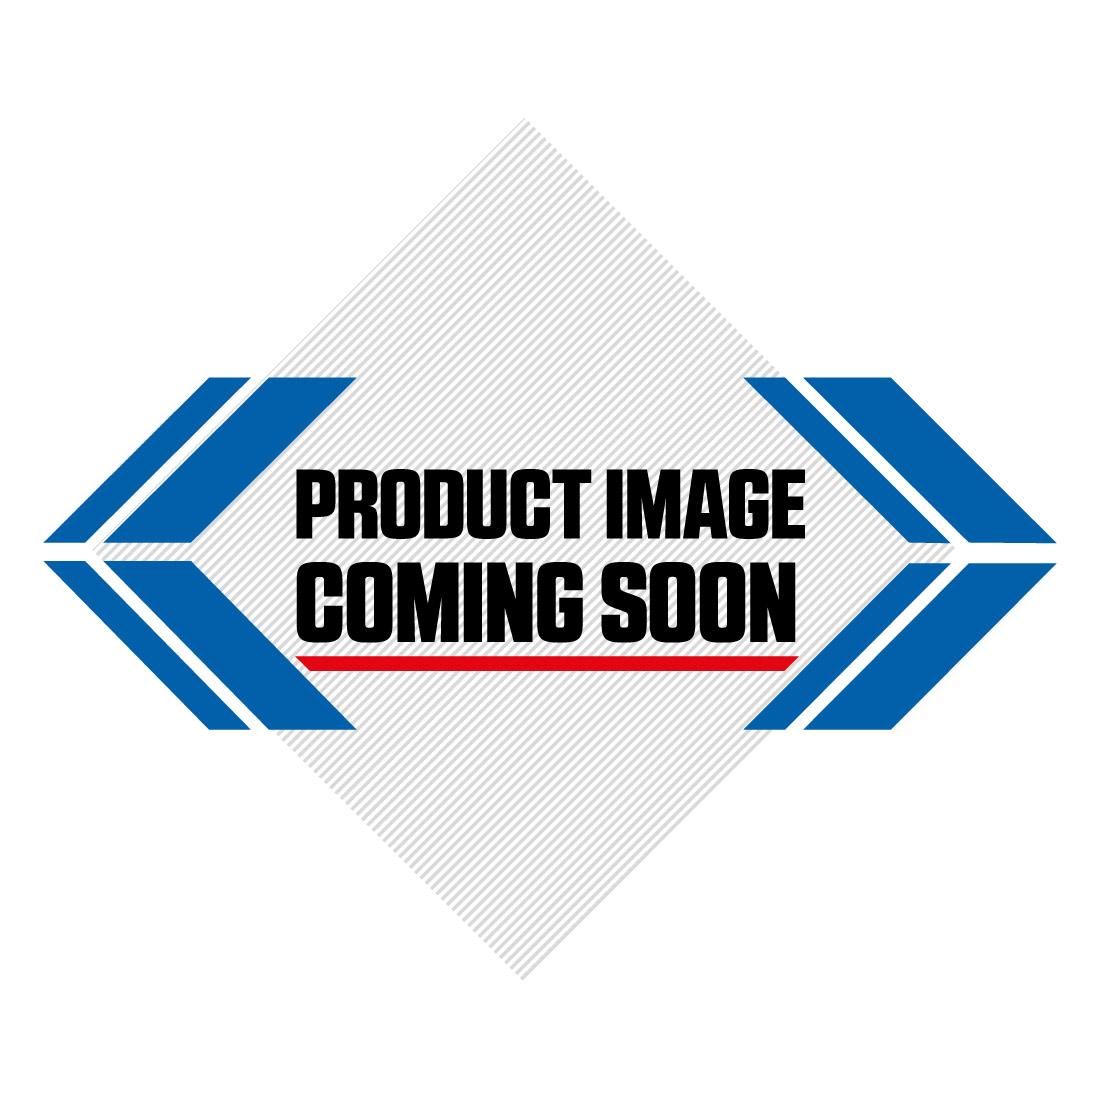 Kawasaki Plastic Kit KX 125 250 (03-04) OEM Factory Image-3>